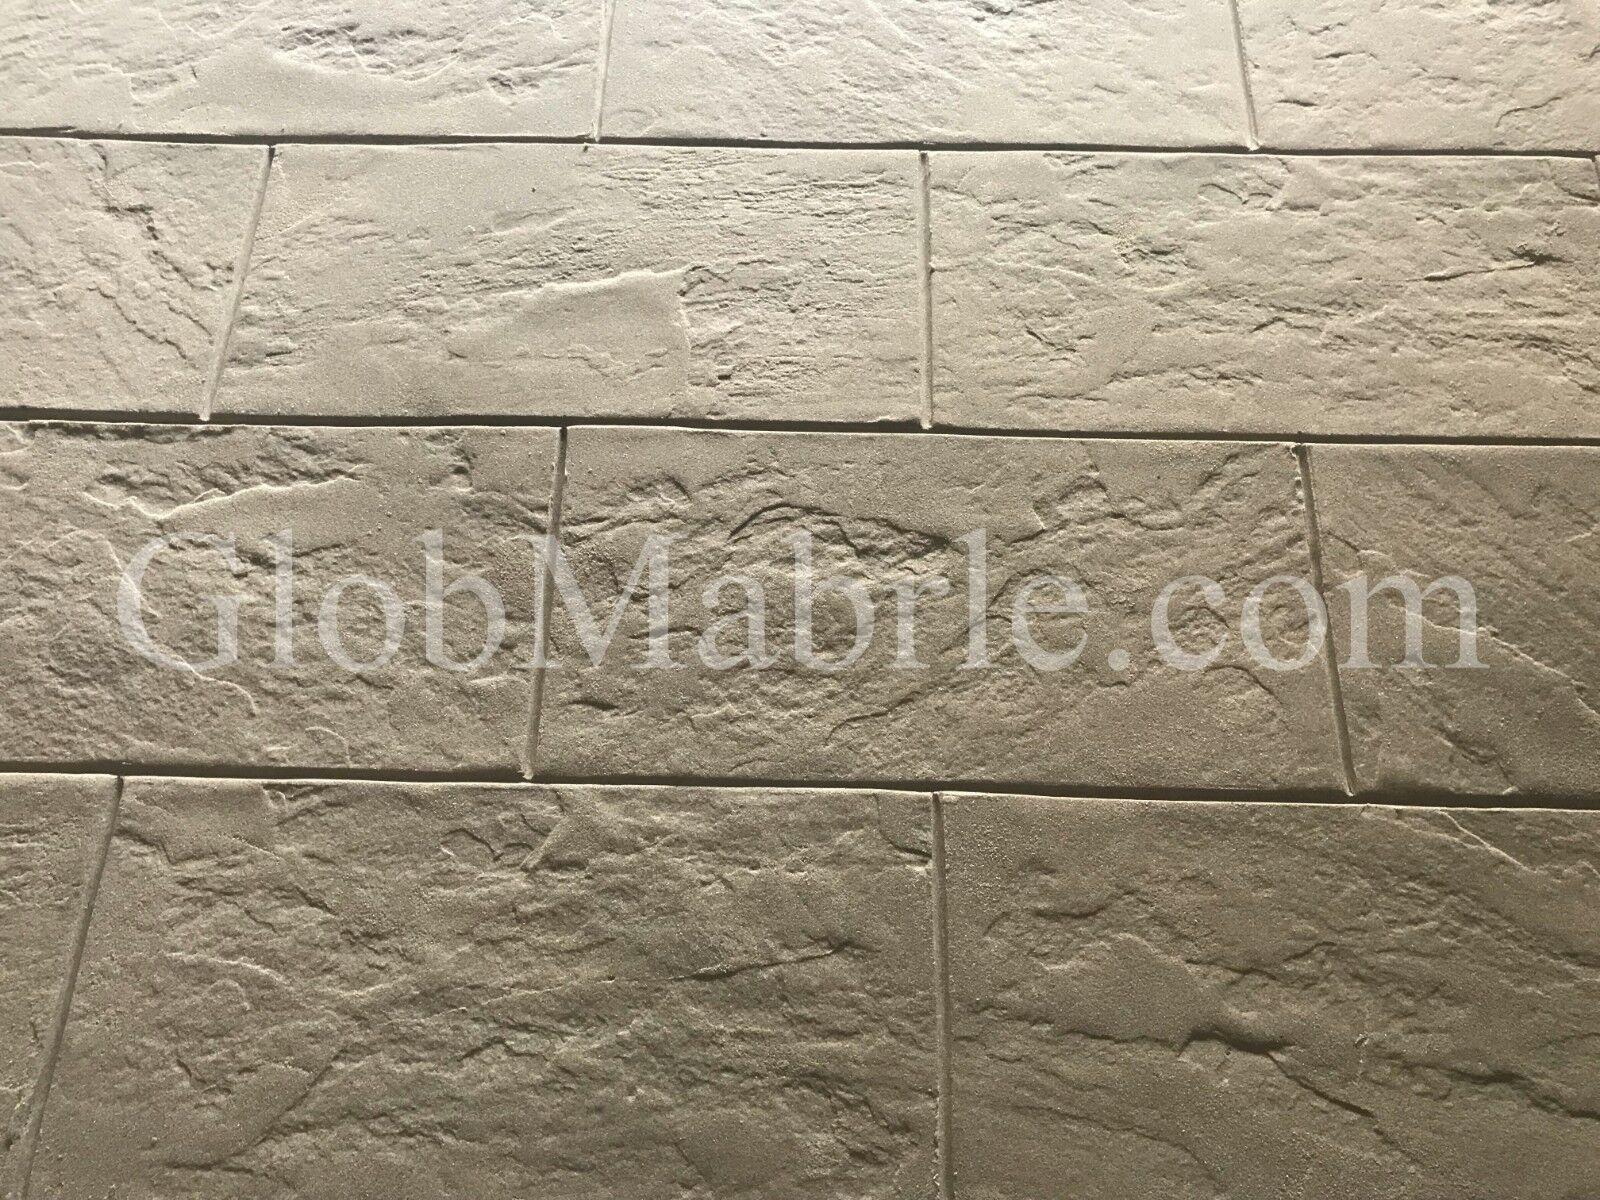 Estampado para Hormigón Pizarra Piedra Textura Sello Felpudos Sm 1912